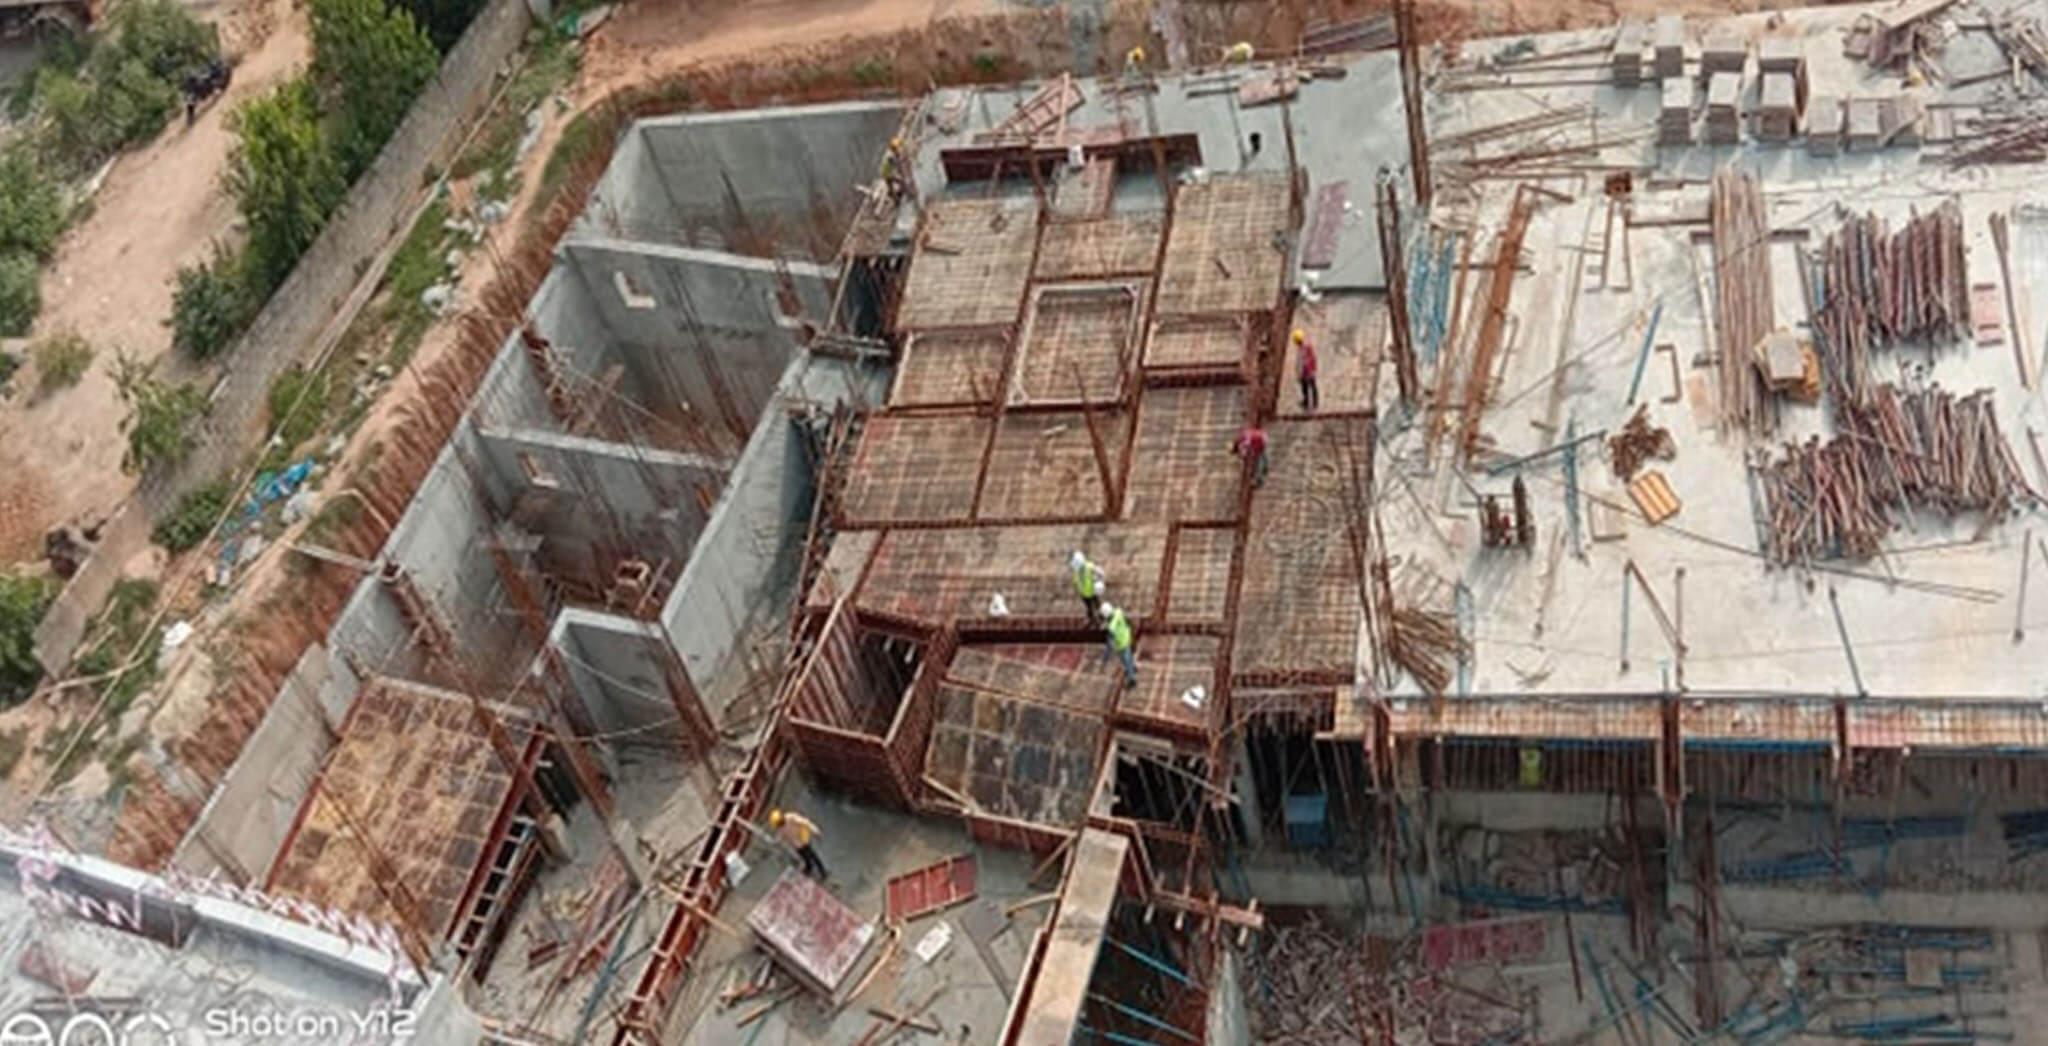 Oct 2020 - East side view: B Block—Ground floor shuttering work-in-progress